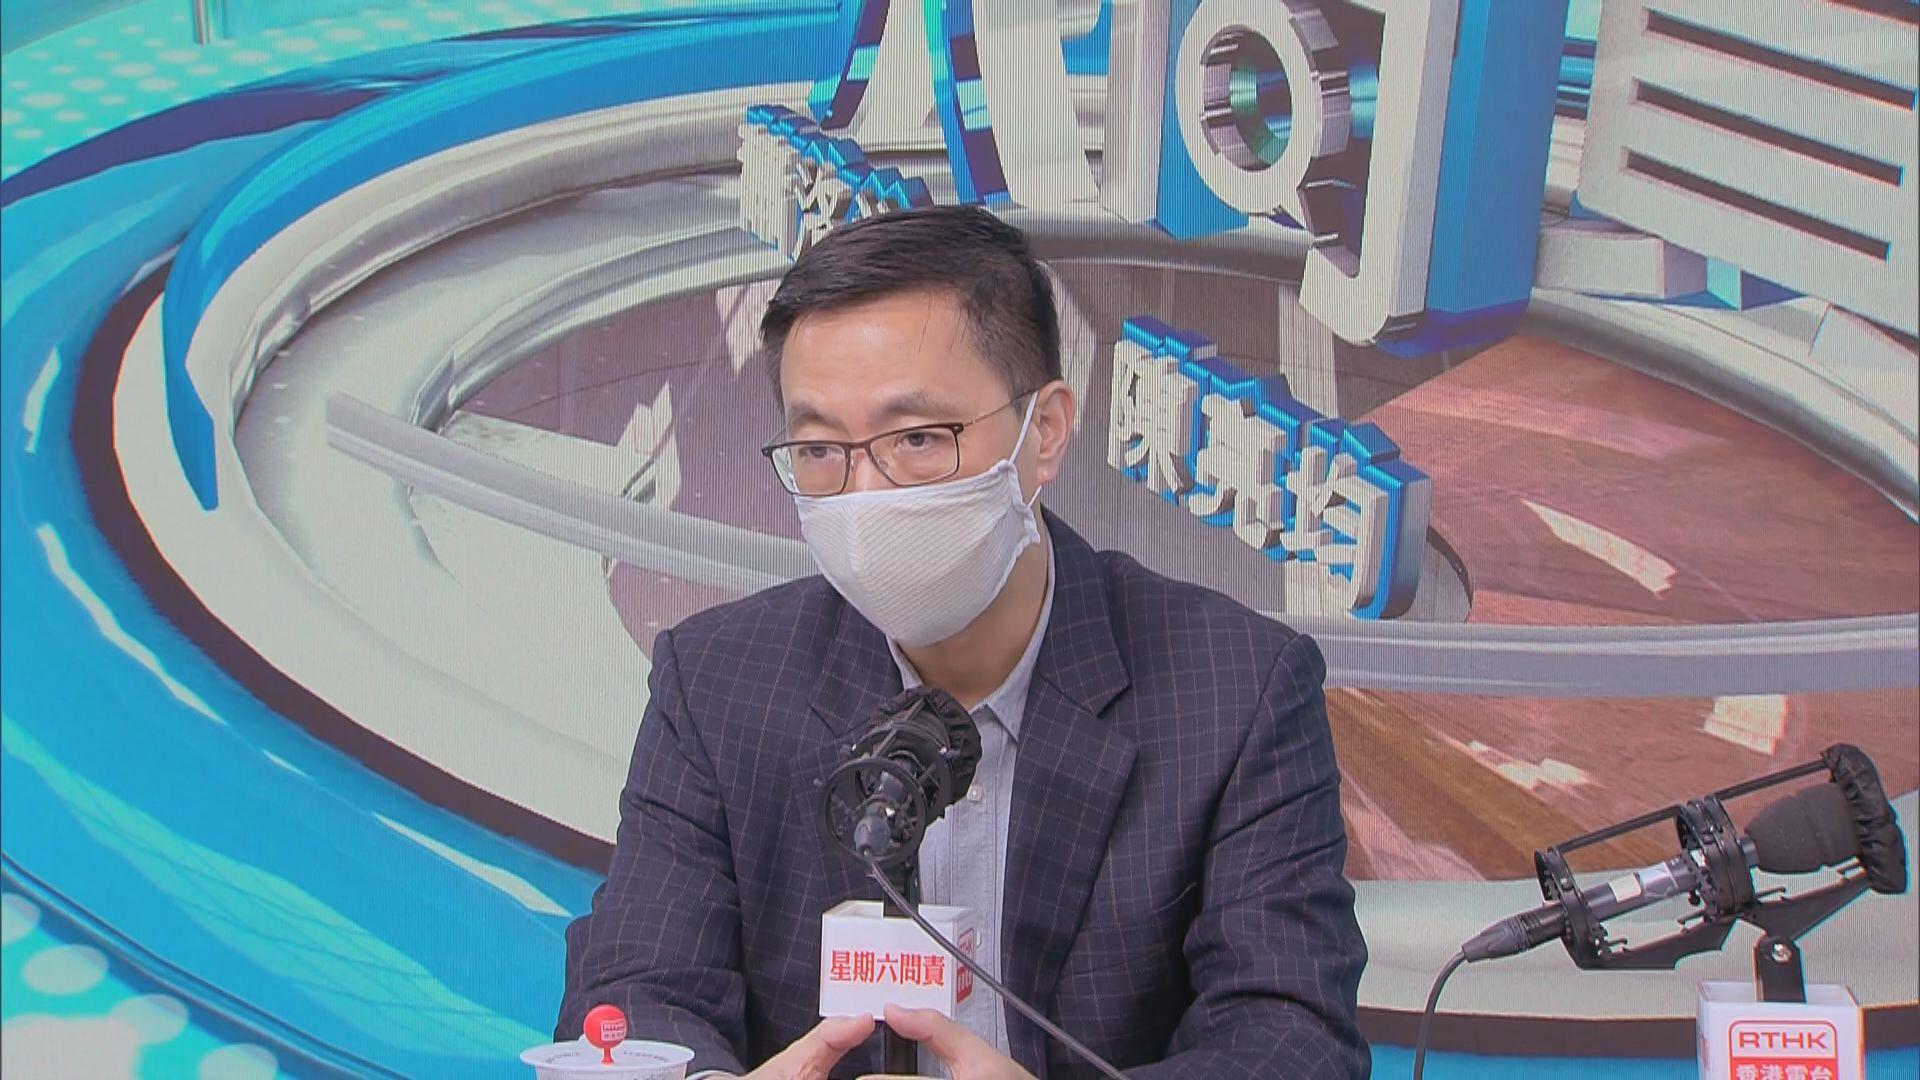 楊潤雄否認政治干預 籲反思司法覆核對考生好壞